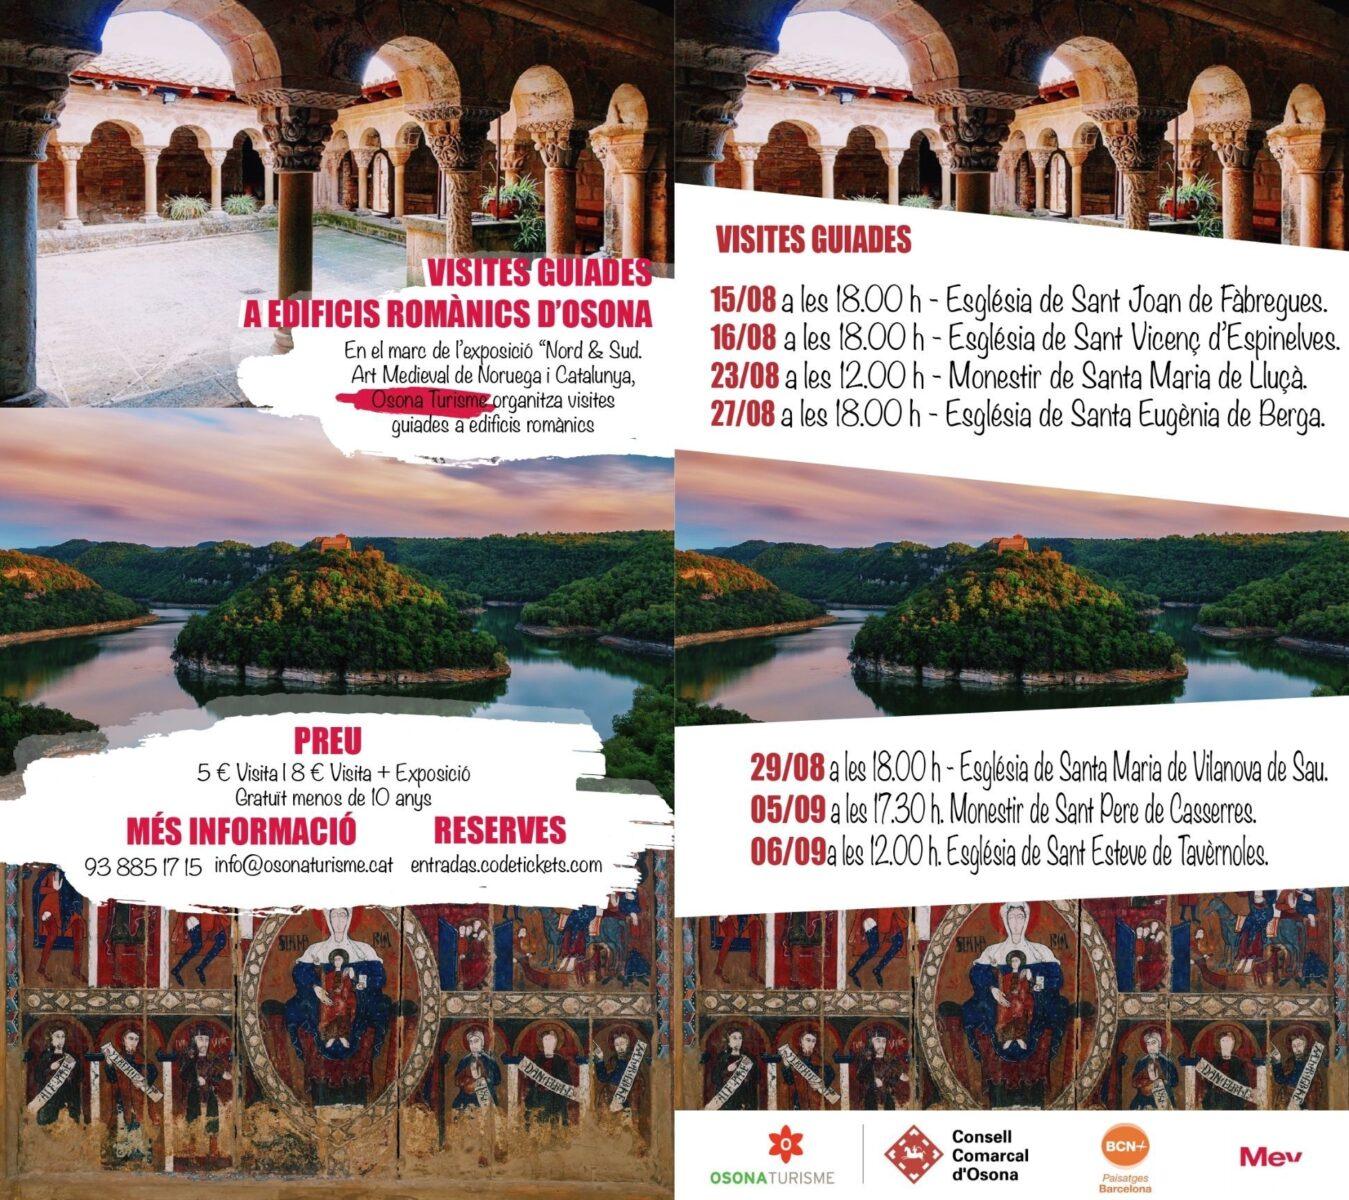 Nord & Sud: Visites Guiades Al Romànic D'Osona